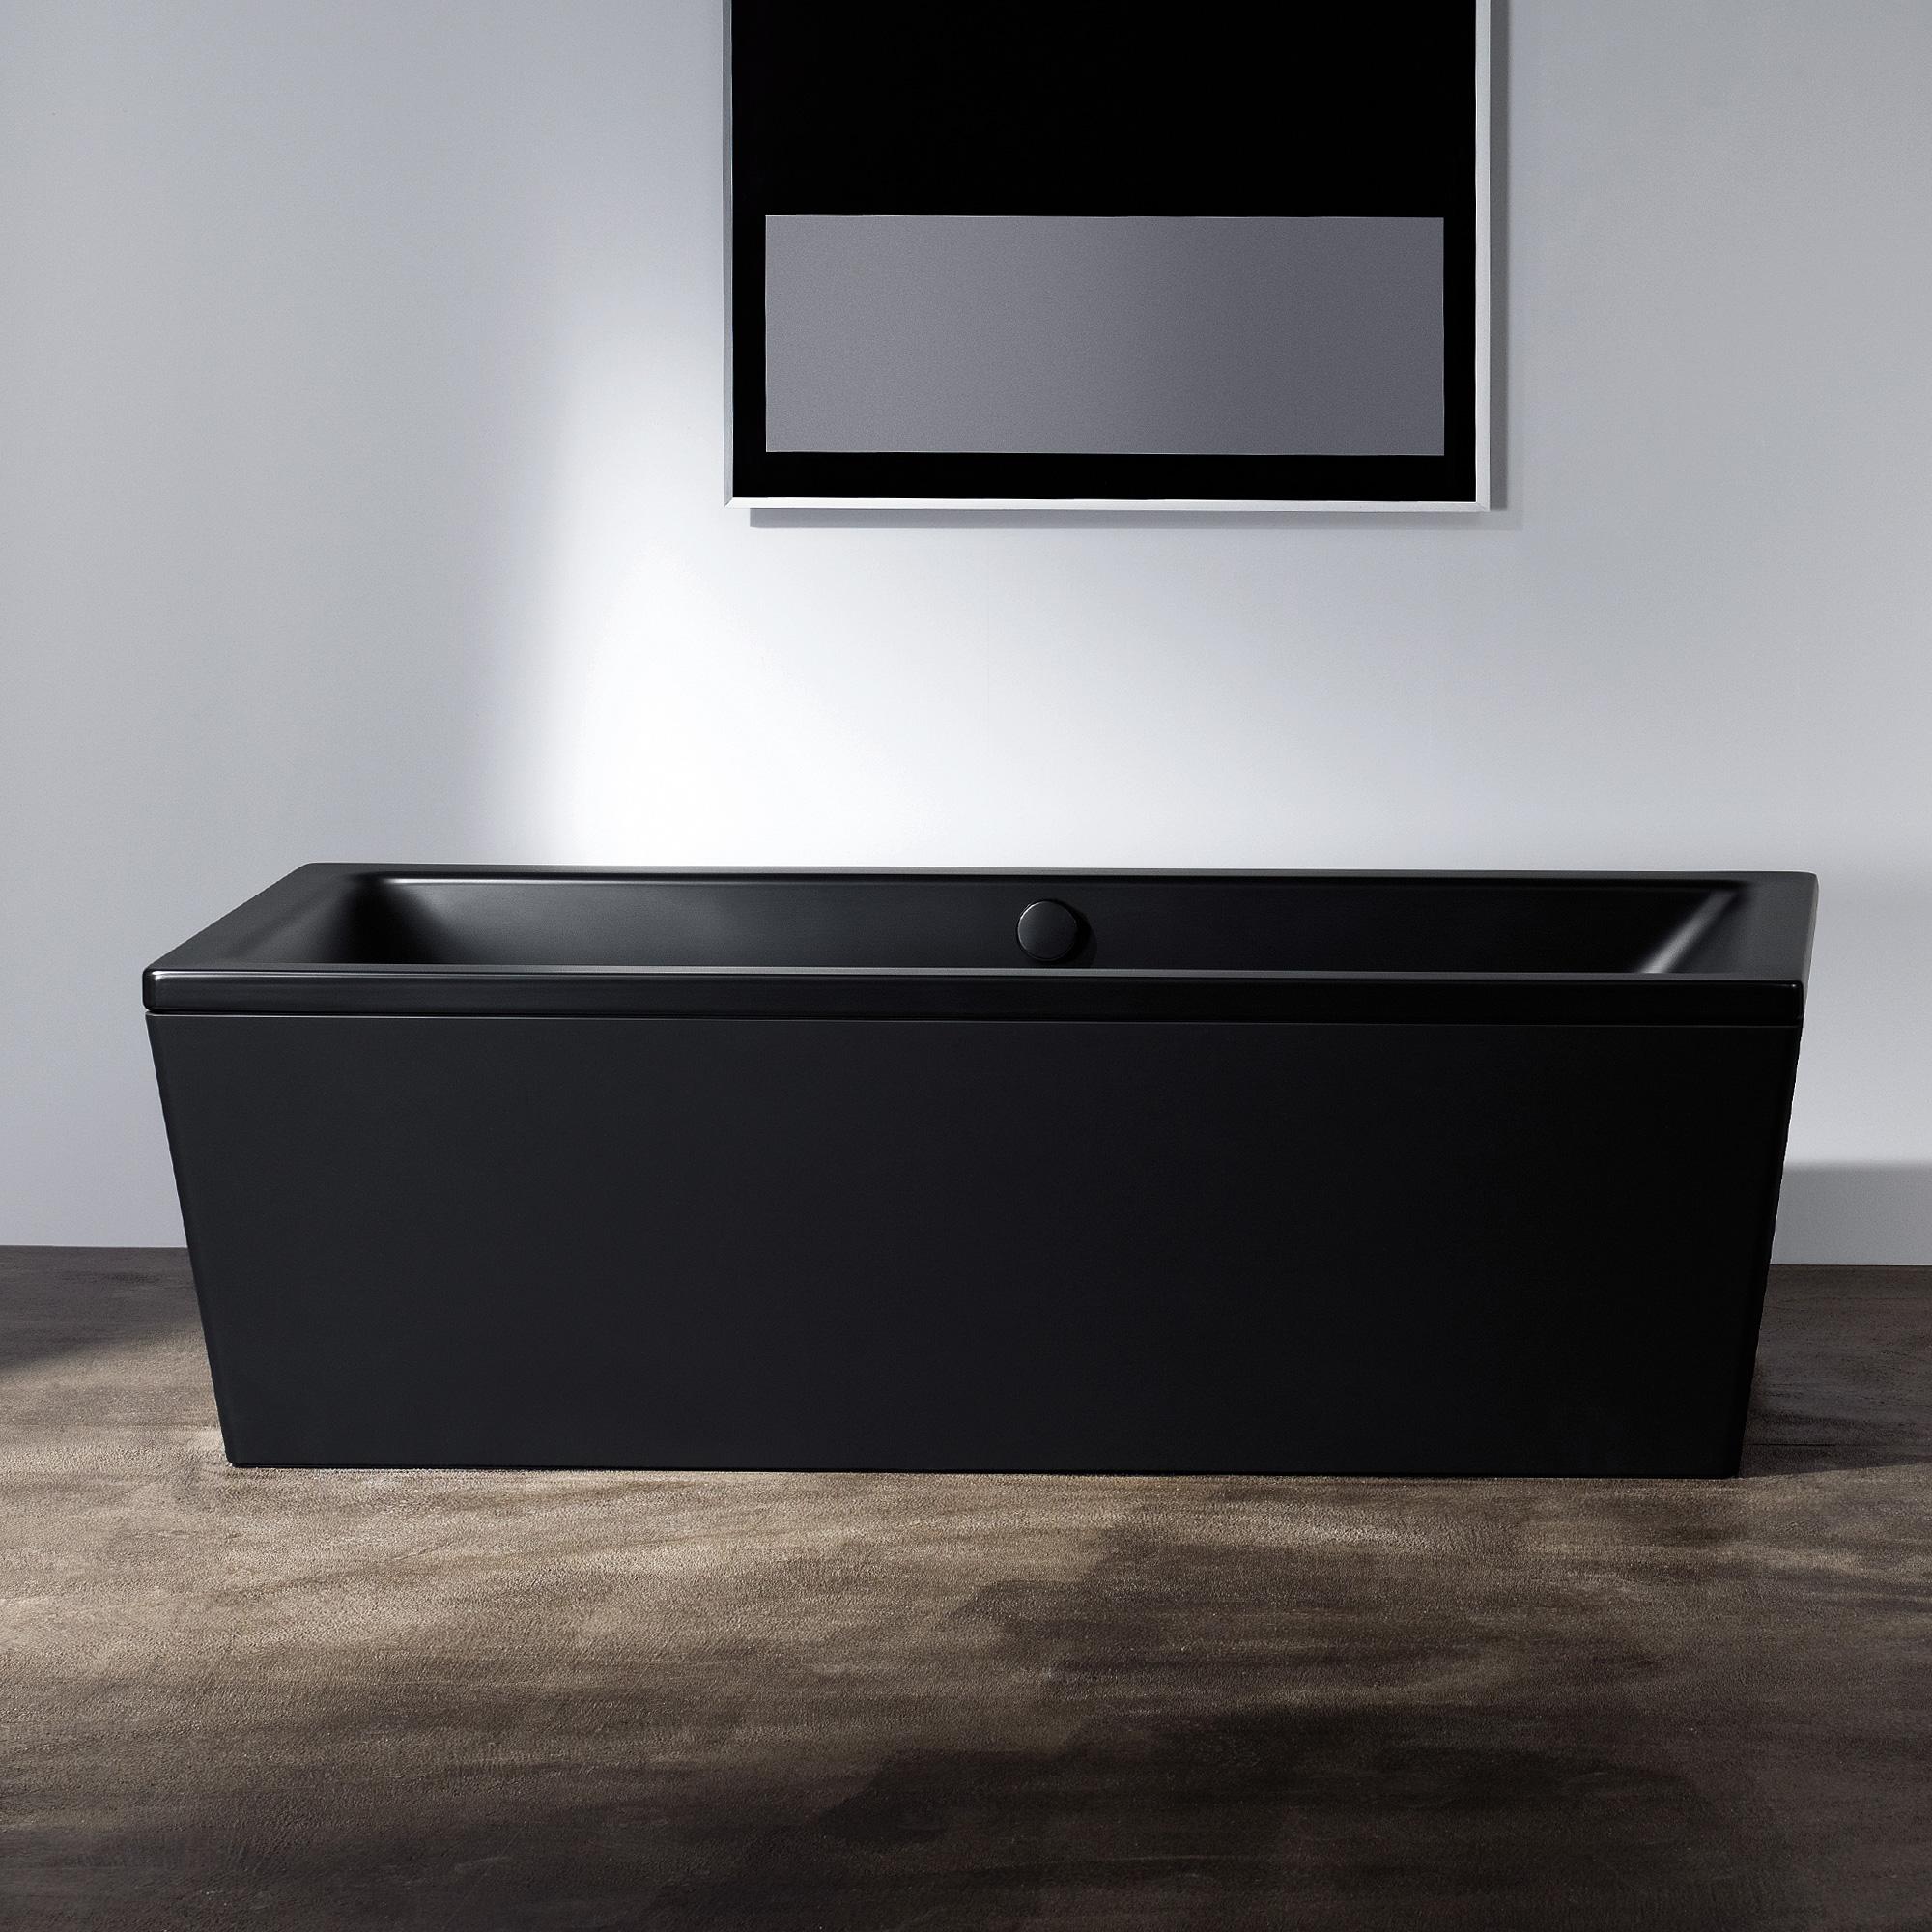 Badewanne schwarz matt schwimmbad und saunen for Sechseck badewanne stahl